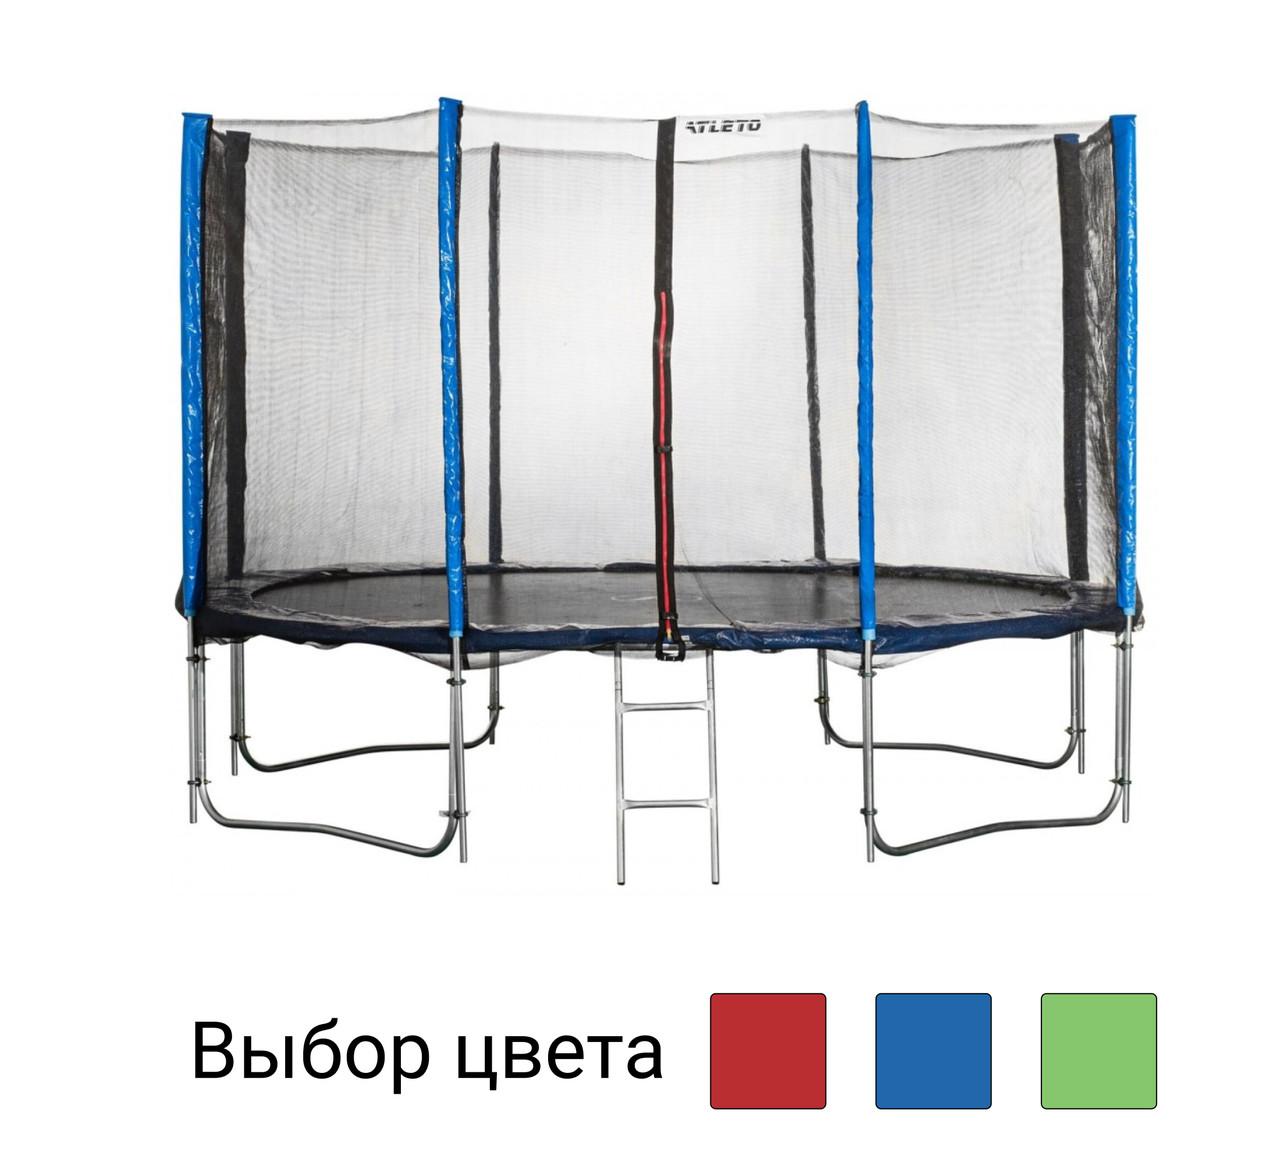 Батут спортивный Atleto 490 см с двойными ногами защитной сеткой для детей и взрослых домашний уличный